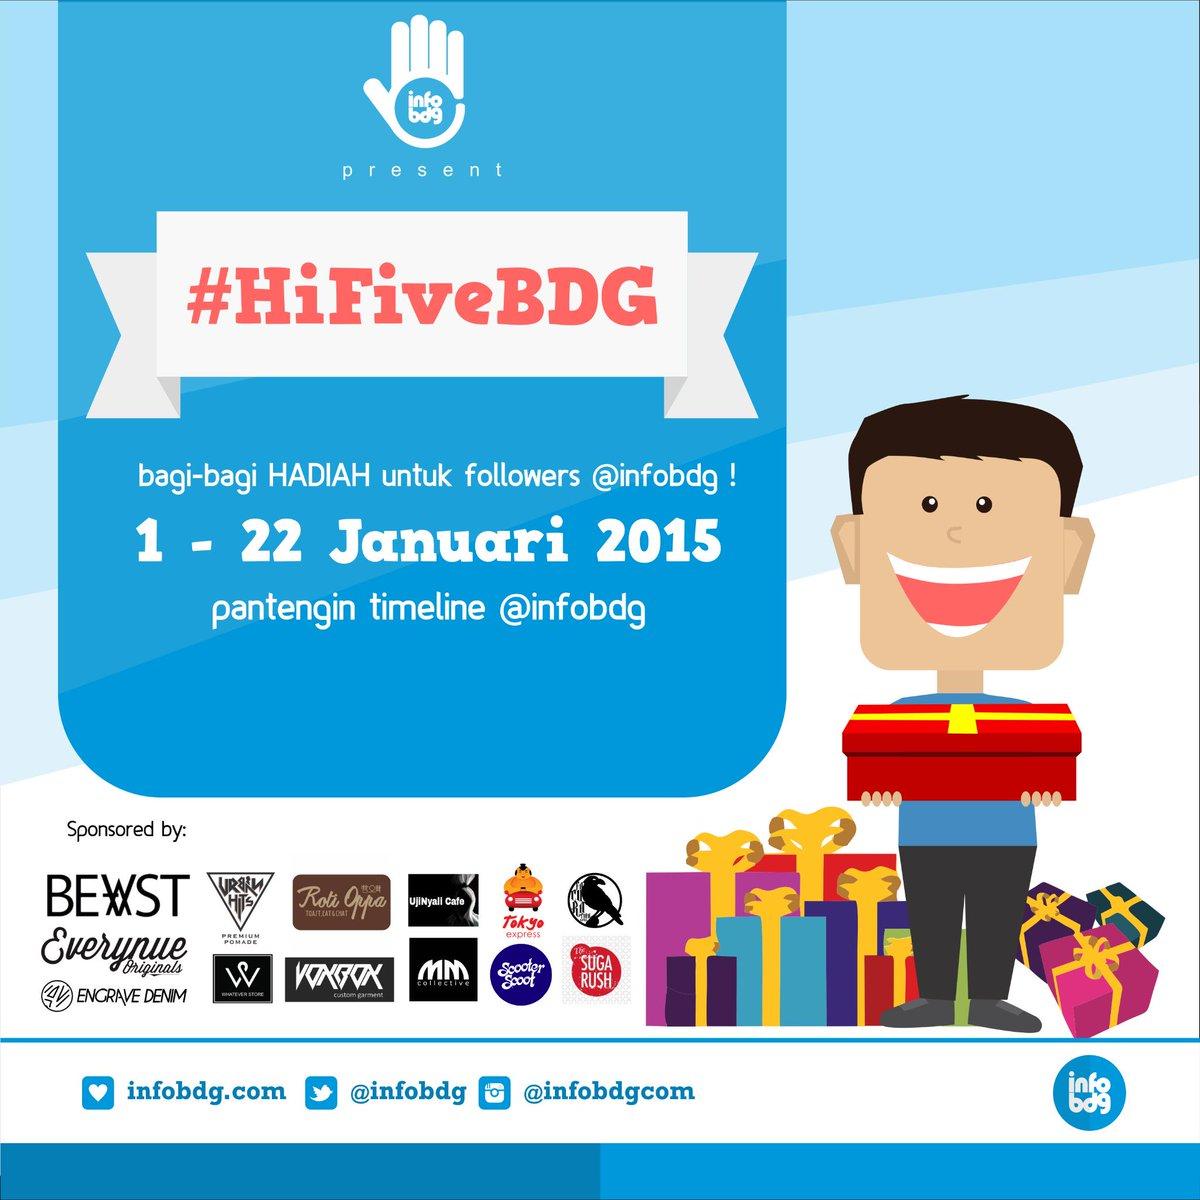 Taruwit, mau dapetin hadiah dari @facuration & @Sugarush_bdg? siap-siap ikutan #HiFiveBDG http://t.co/DdUToyEqne